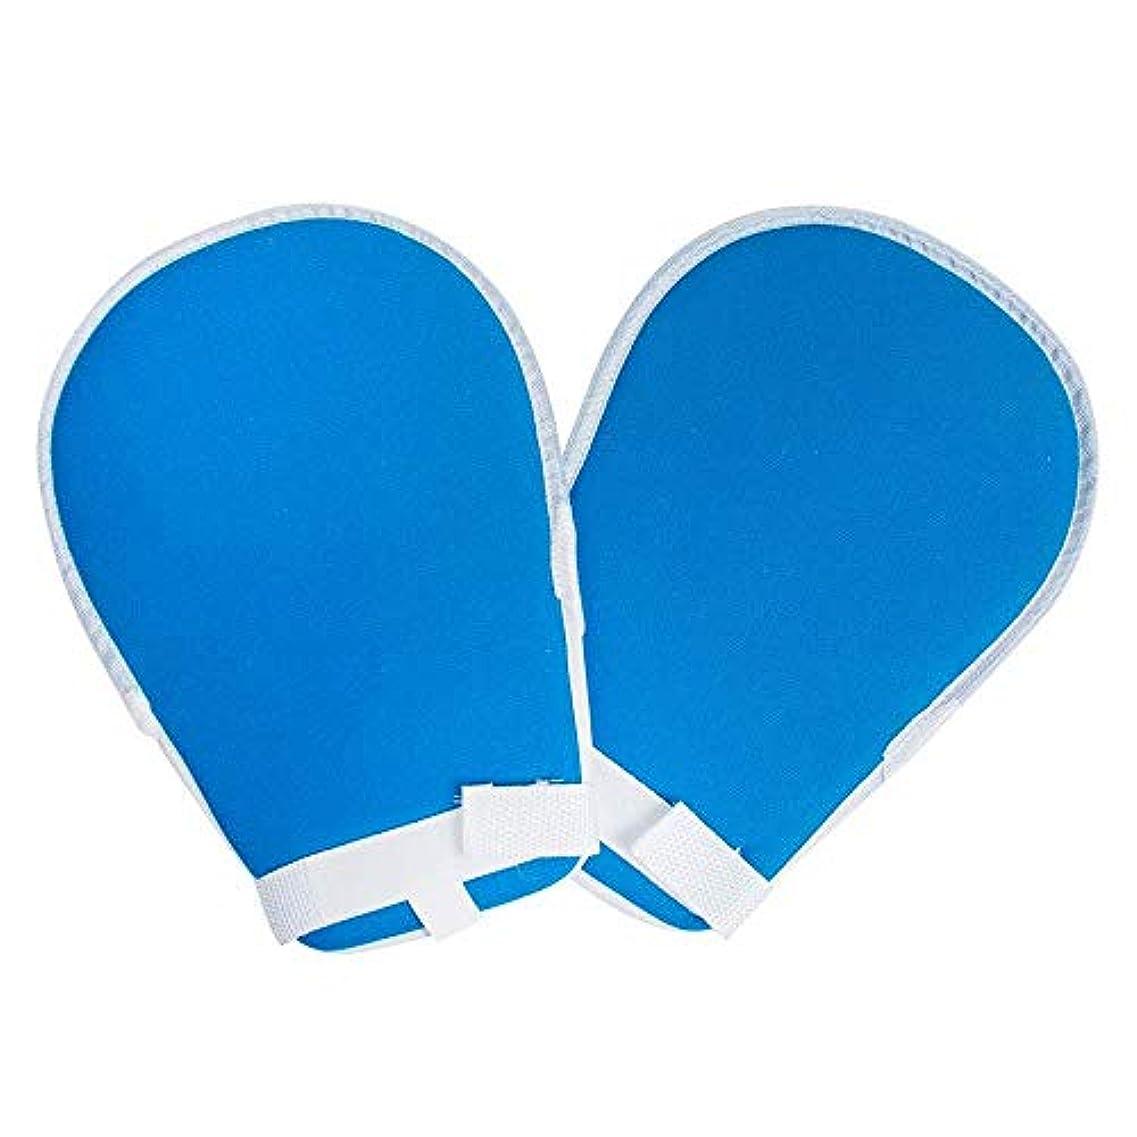 遡るプレゼンテーションメンタルプロテクターパッド入りフィンガーコントロールミット防止チューブ手防止予防患者の傷自己害患者の手感染指の害固定高齢者